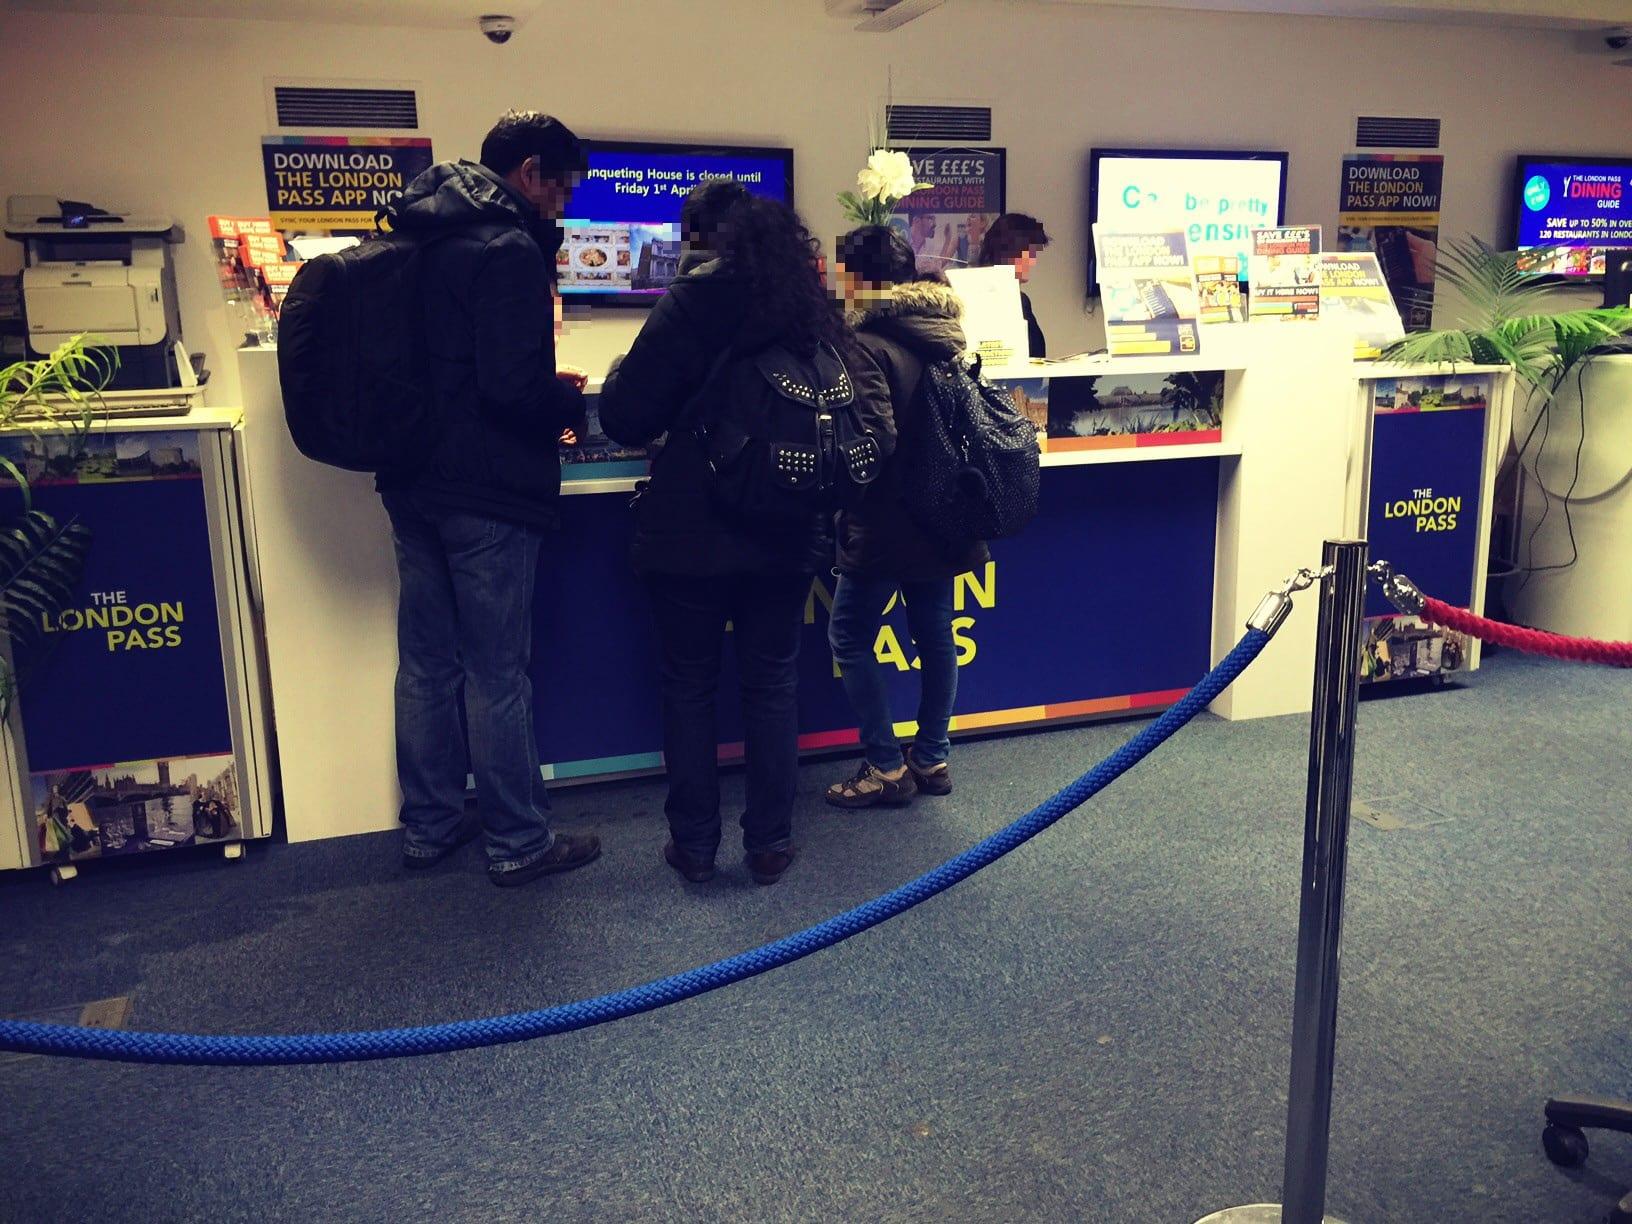 Den London Pass holst Du in dem Gebäude ab, die Treppe hinunterlaufen und dann an den Info-Desk herantreten. Du bekommst zusätzlich noch einen kleinen Reiseführer!